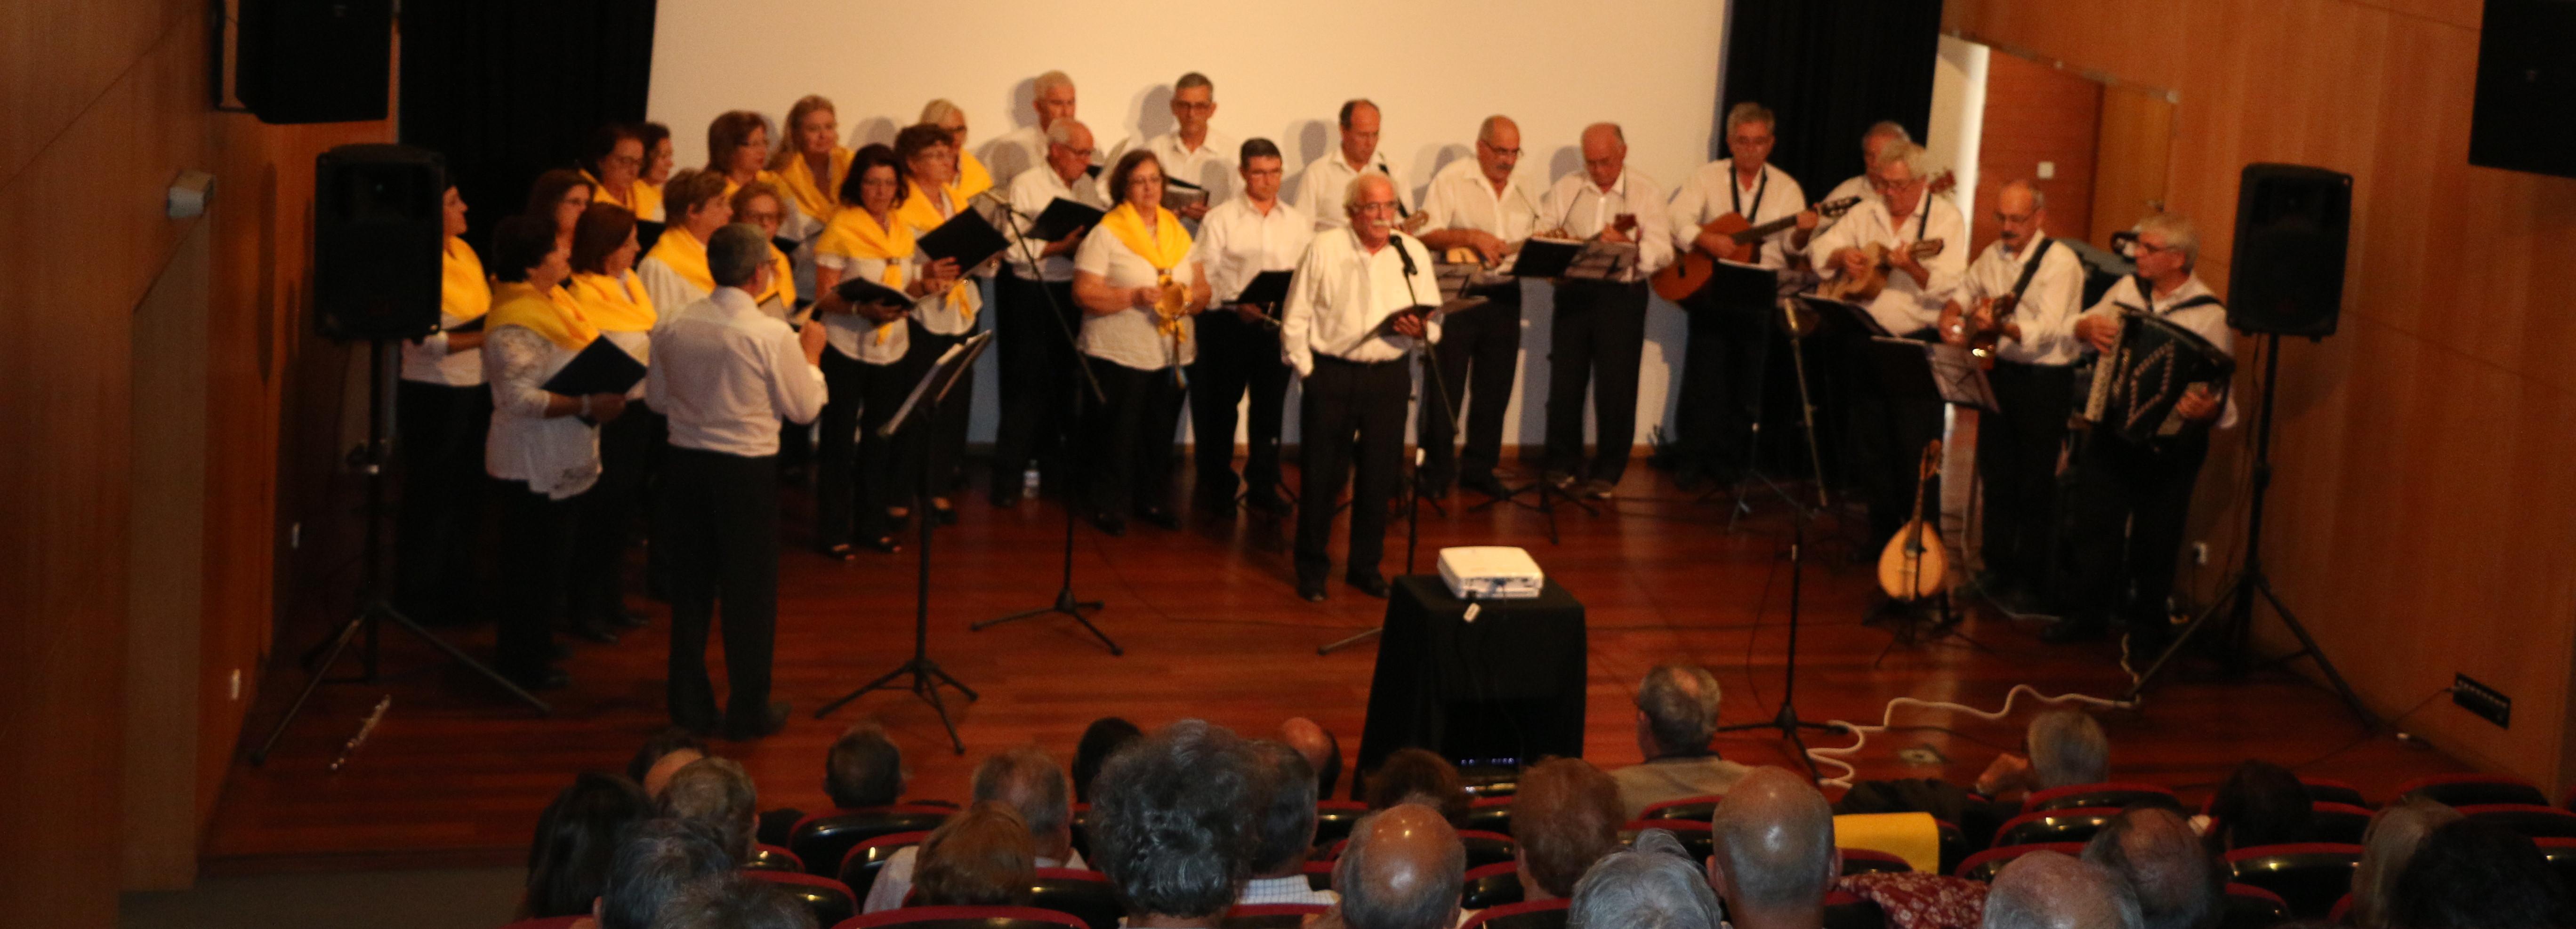 Barcelos Sénior com mais de 200 alunos na abertura do ano letivo